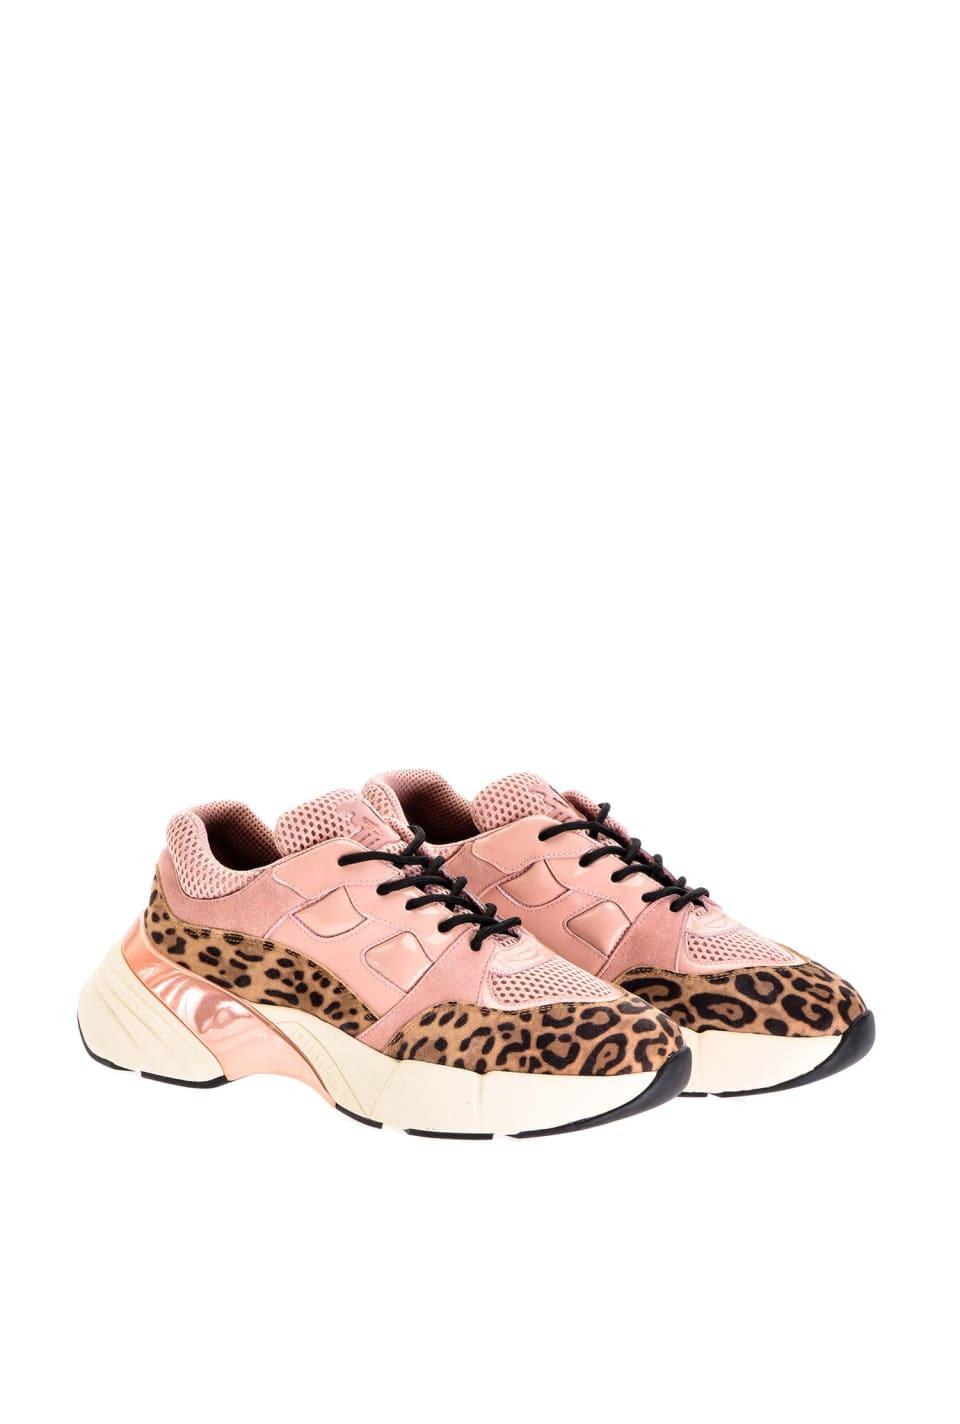 Zapatos deportivos Shoes to Rock motivo safari